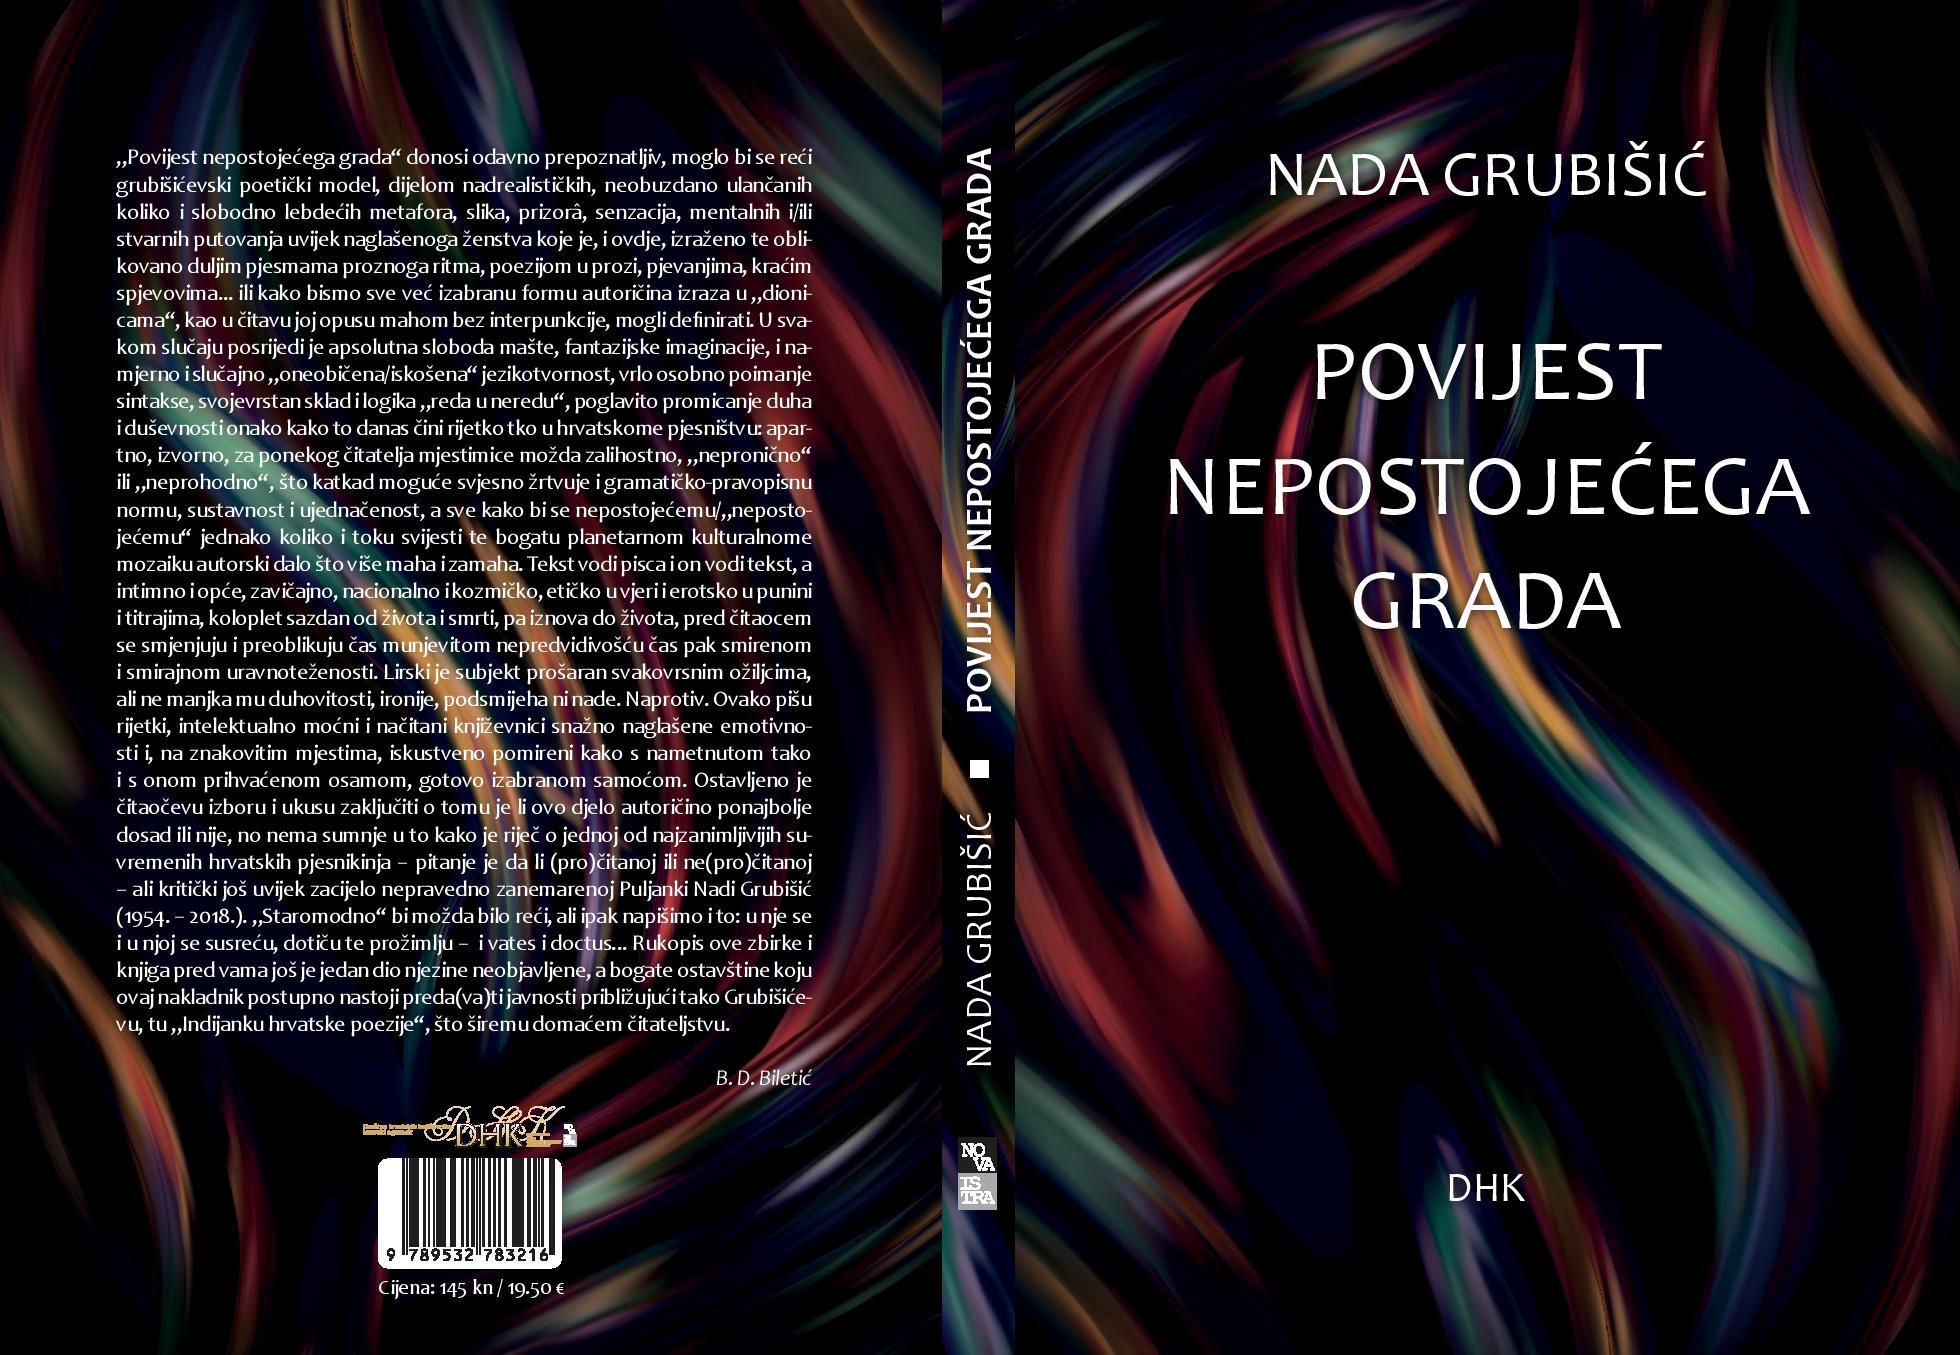 Nada grubisic - povijest. . - korice za tisak-page-001